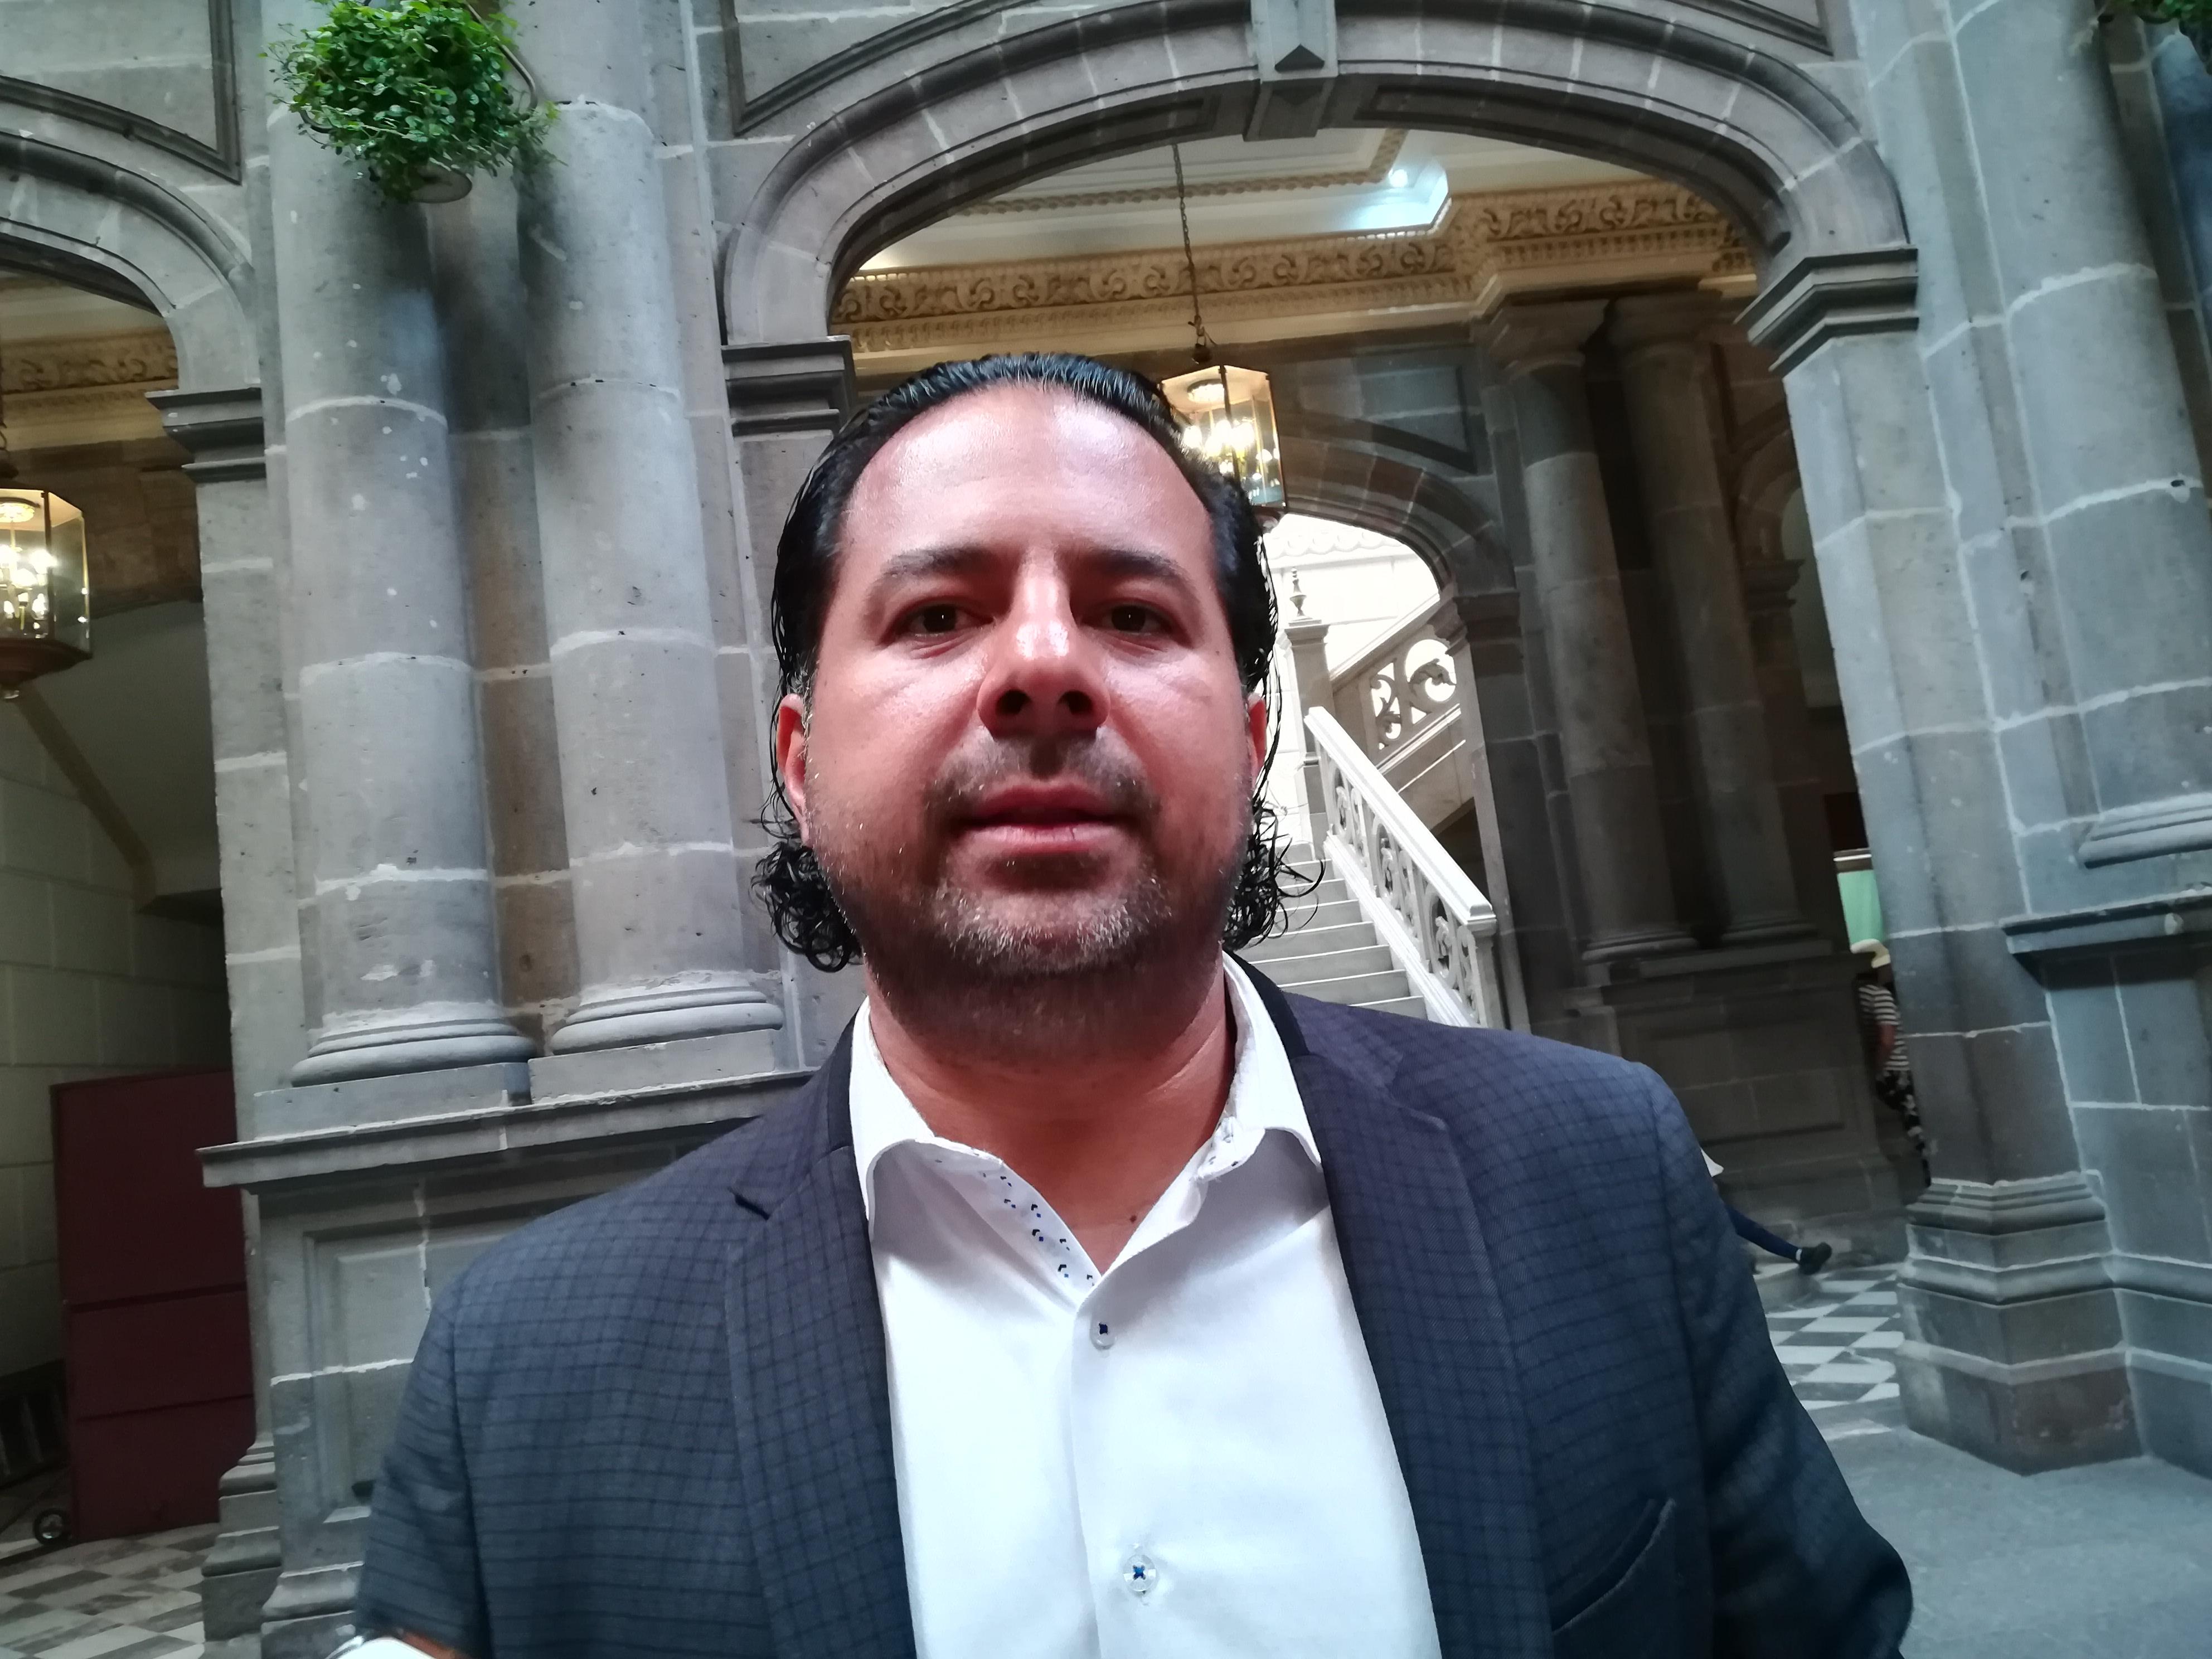 El Ayuntamiento tiene hasta el 31 de marzo para invertir los recursos de la Federación: Jacobo Ordaz